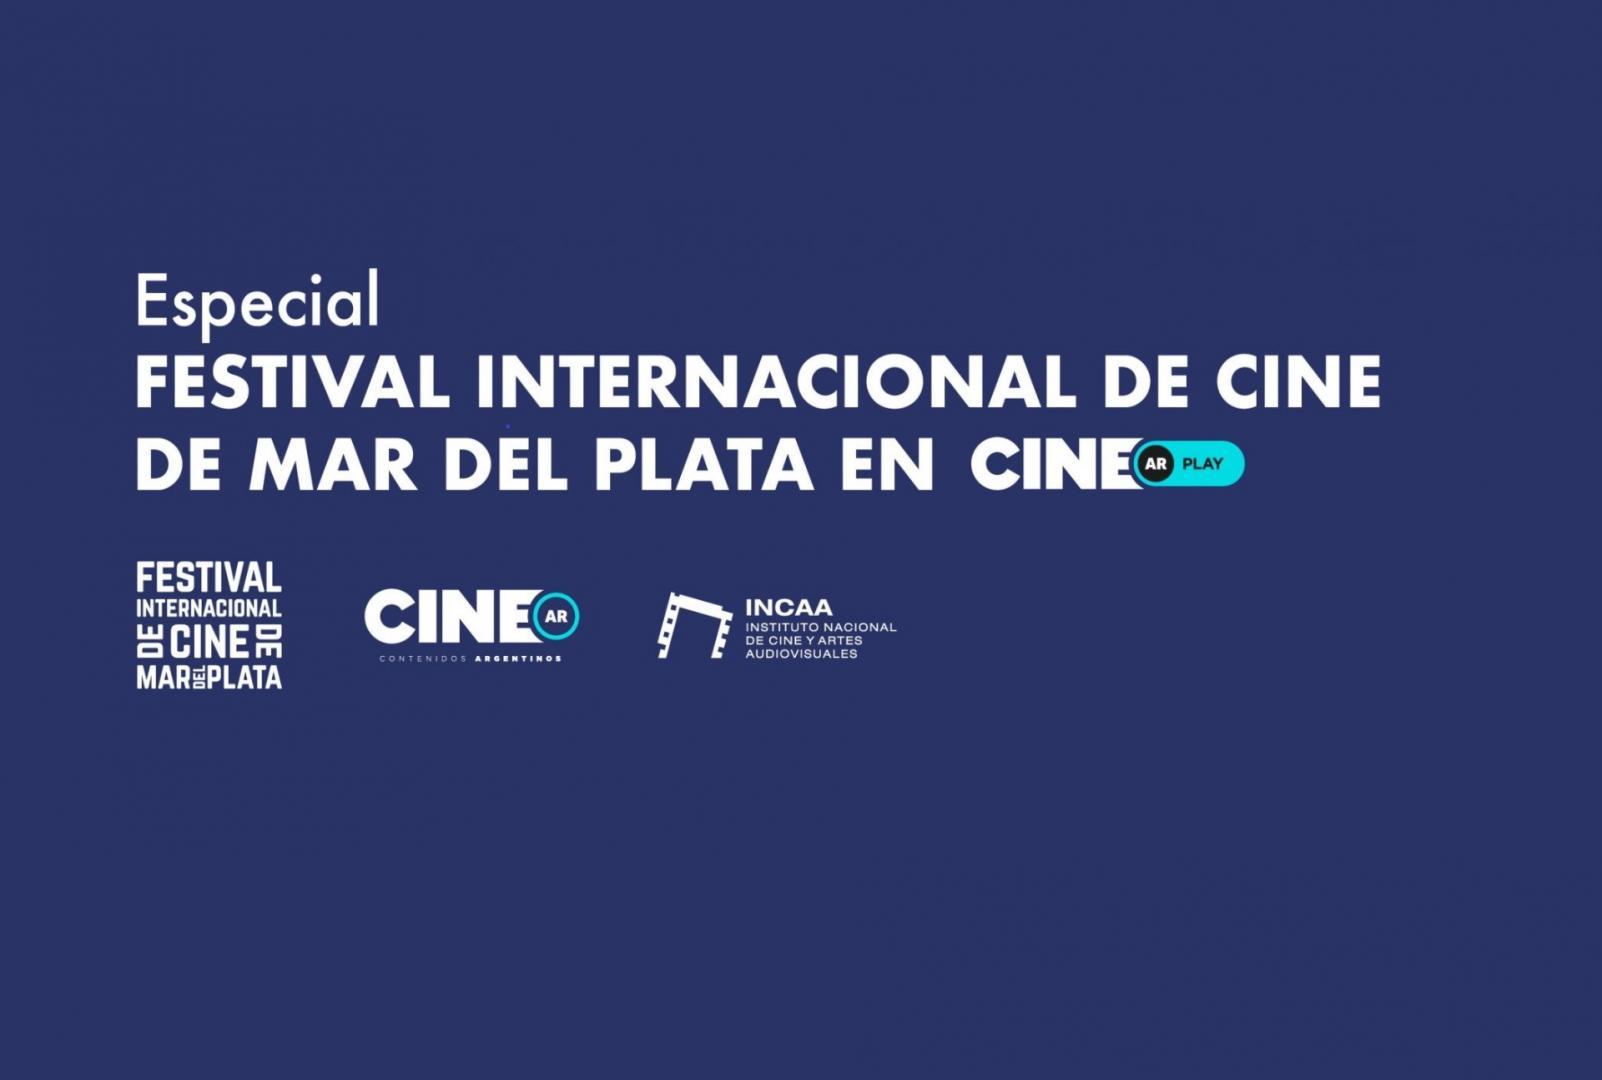 En CINE.AR Play se palpita el Festival de Cine Internacional de Mar del Plata